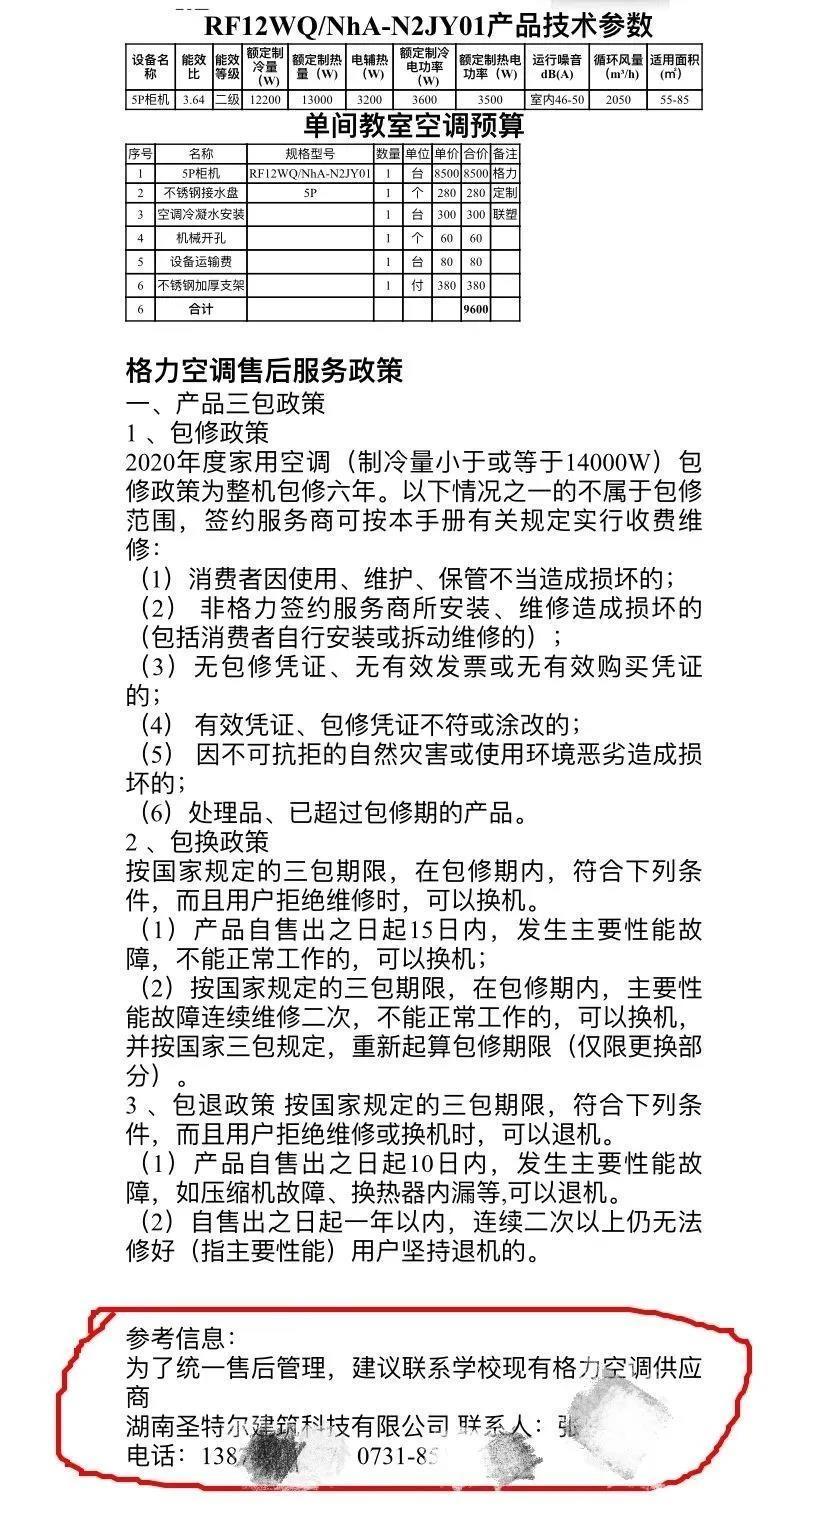 长沙一中学家委会组织出资安装校方指定空调 教育局叫停